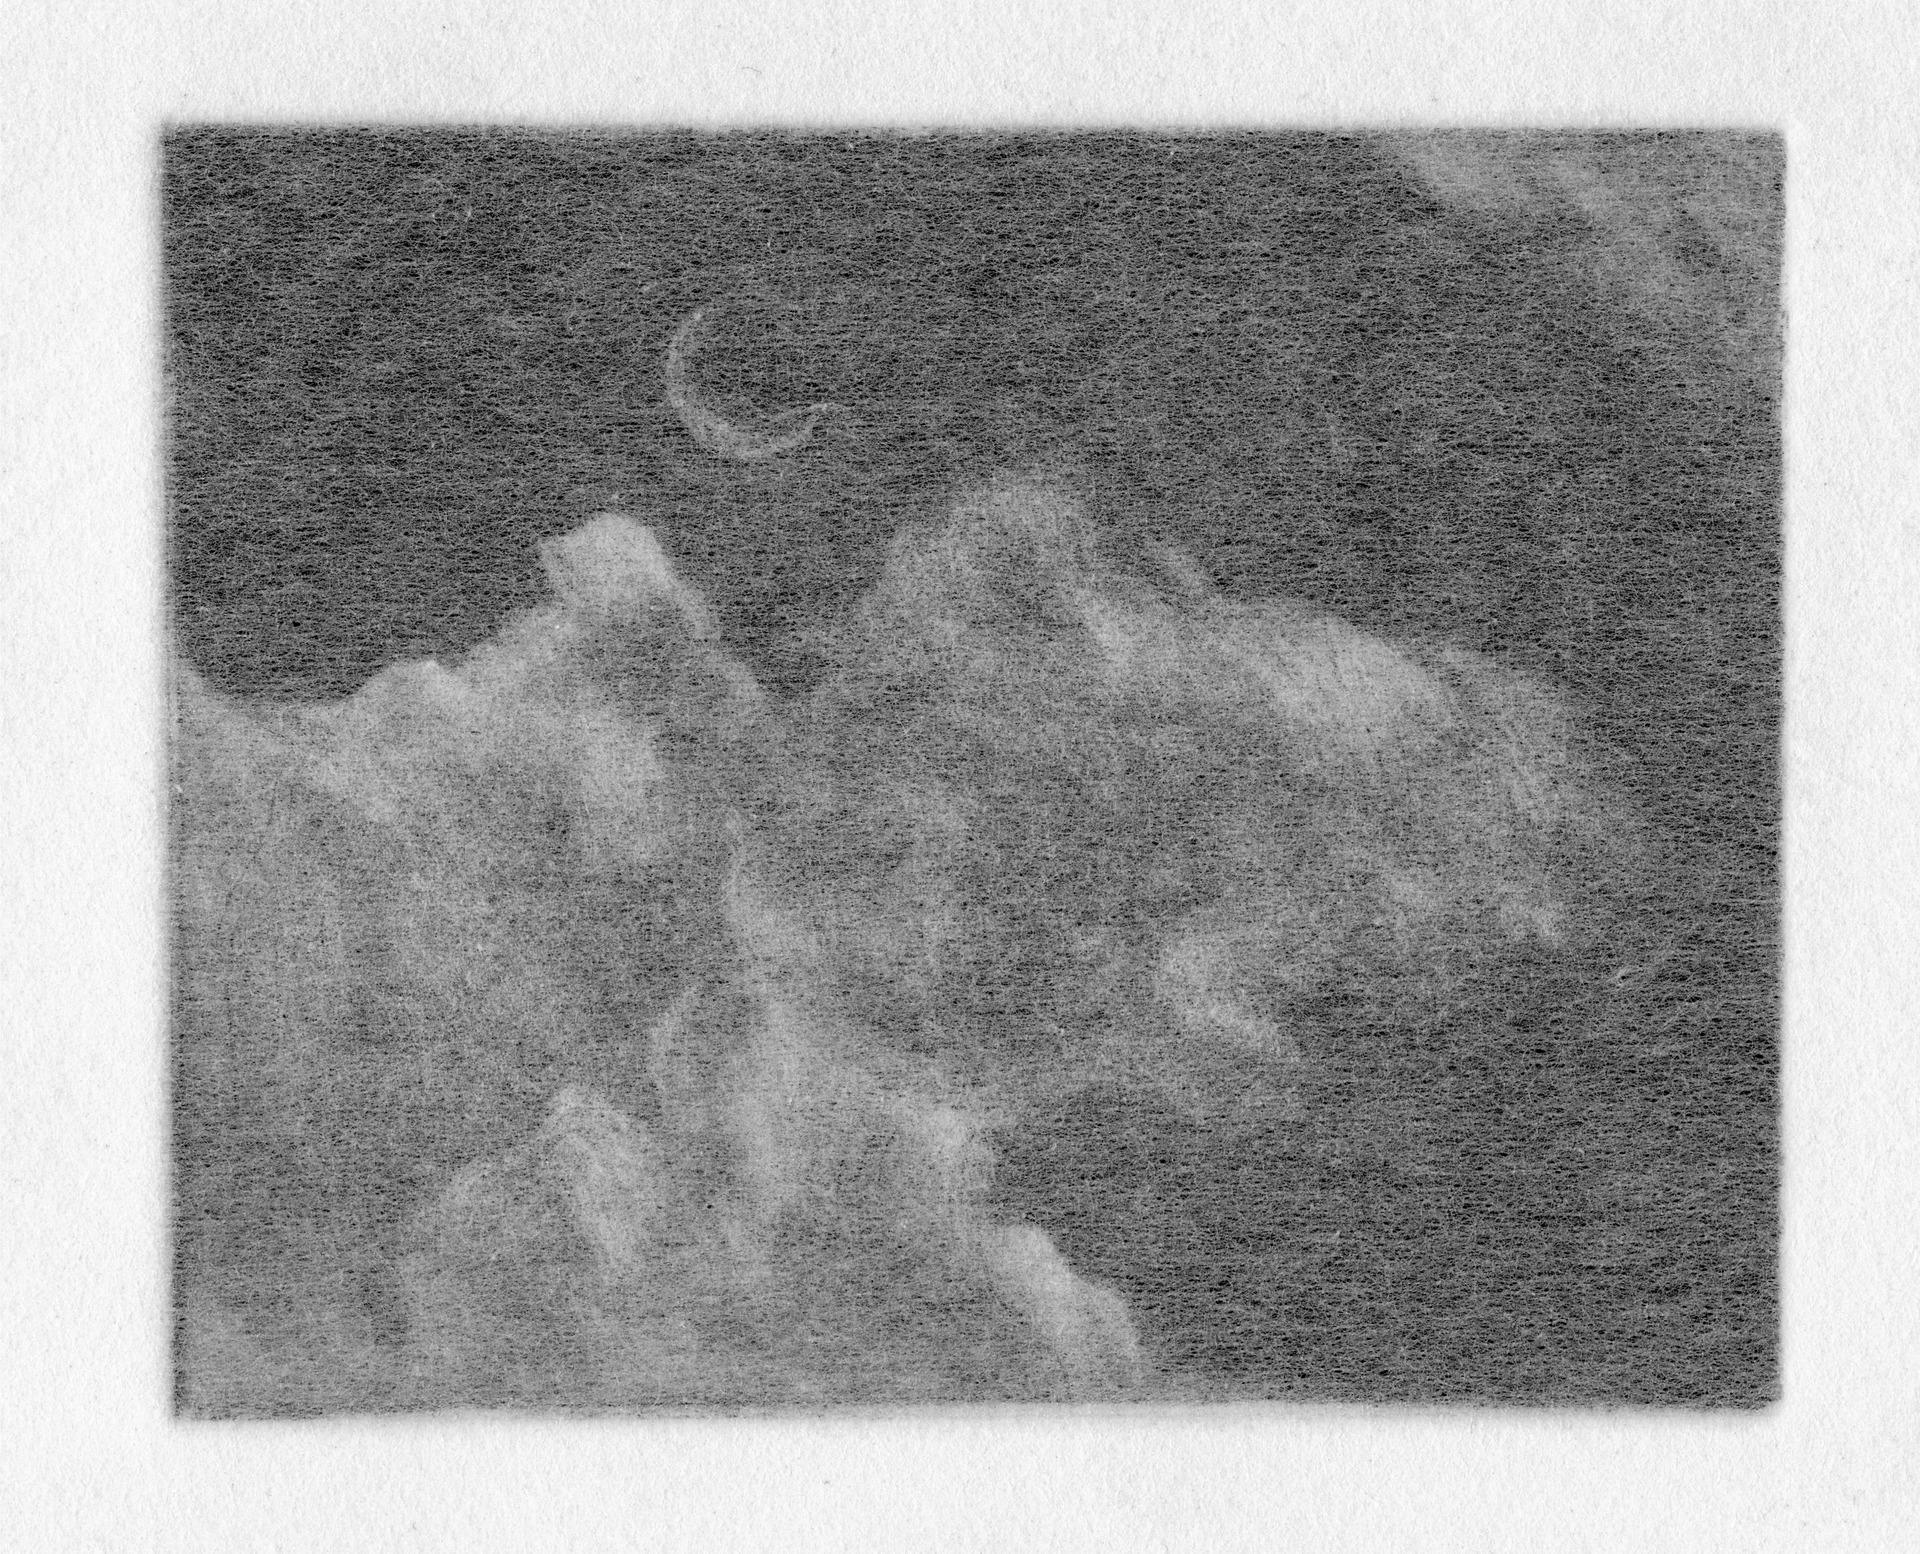 Moon (2021)